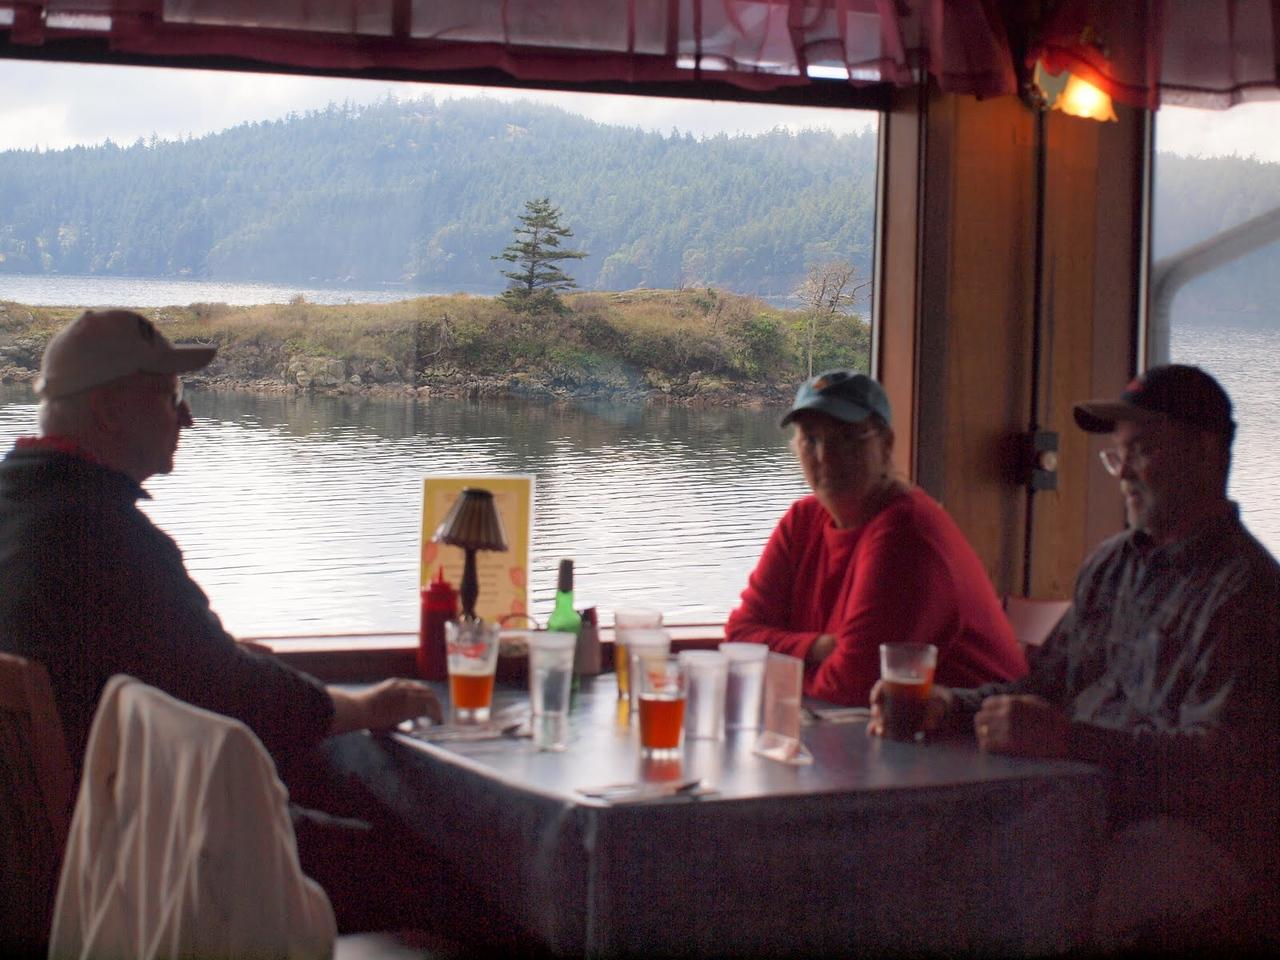 Pub Lunch - Day 6Vern's BaysideEastsound, Orcas Island